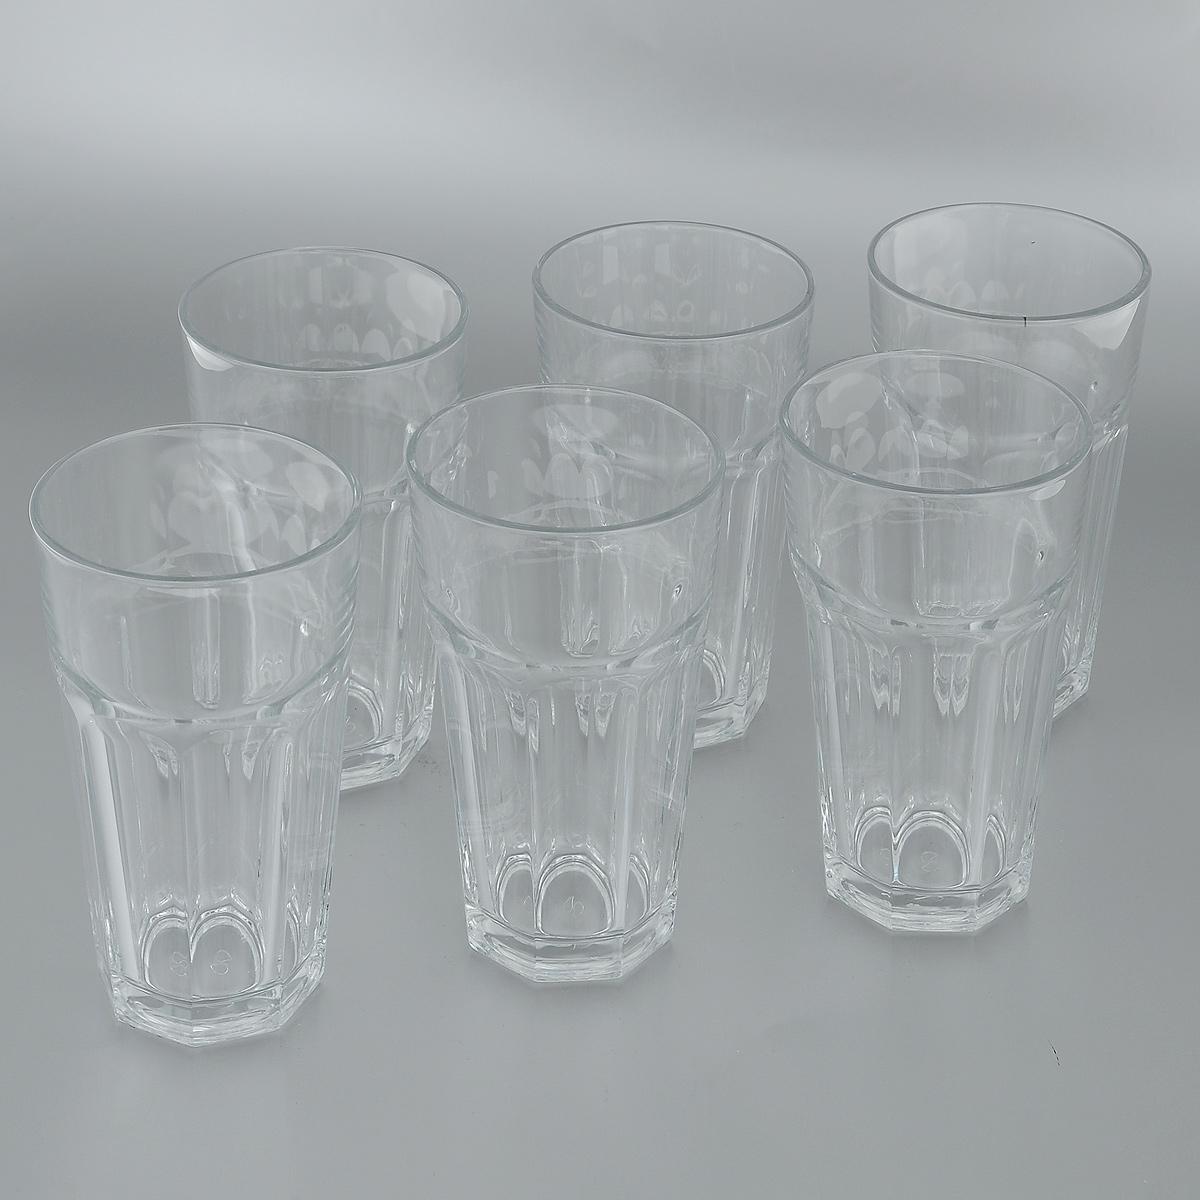 Набор стаканов для пива Pasabahce Casablanca, 475 мл, 6 шт52707BНабор Pasabahce Casablanca состоит из шести стаканов, изготовленных из прочного натрий-кальций-силикатного стекла. Изделия, предназначенные для подачи пива, несомненно придутся вам по душе. Стаканы, оснащенные рельефной многогранной поверхностью, сочетают в себе элегантный дизайн и функциональность. Благодаря такому набору пить напитки будет еще вкуснее. Набор стаканов Pasabahce Casablanca идеально подойдет для сервировки стола и станет отличным подарком к любому празднику. Можно мыть в посудомоечной машине и использовать в микроволновой печи. Диаметр стакана по верхнему краю: 8,5 см. Высота стакана: 16 см.